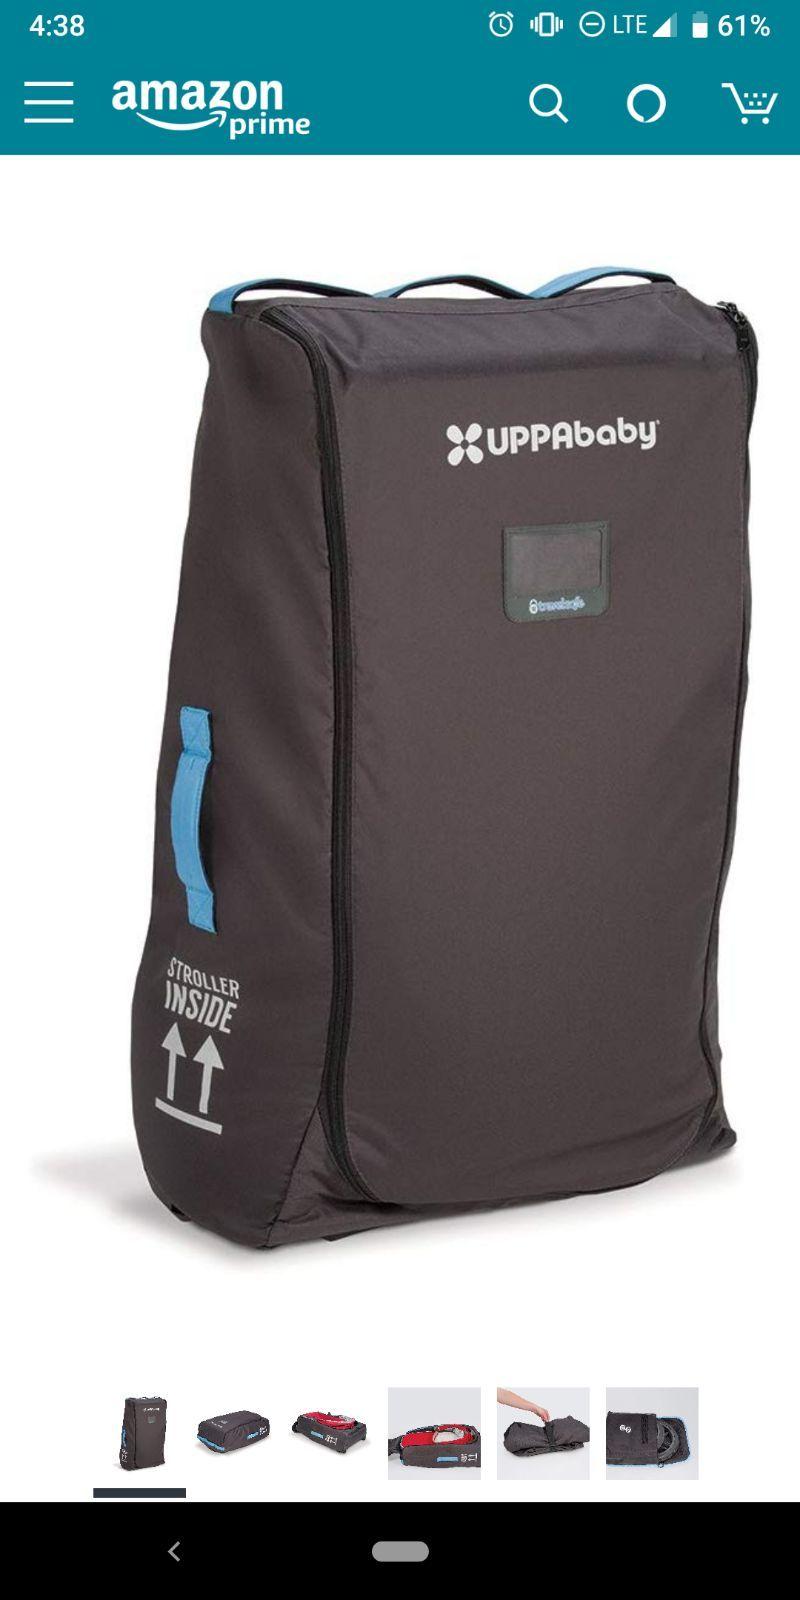 42++ Uppababy stroller bag vista ideas